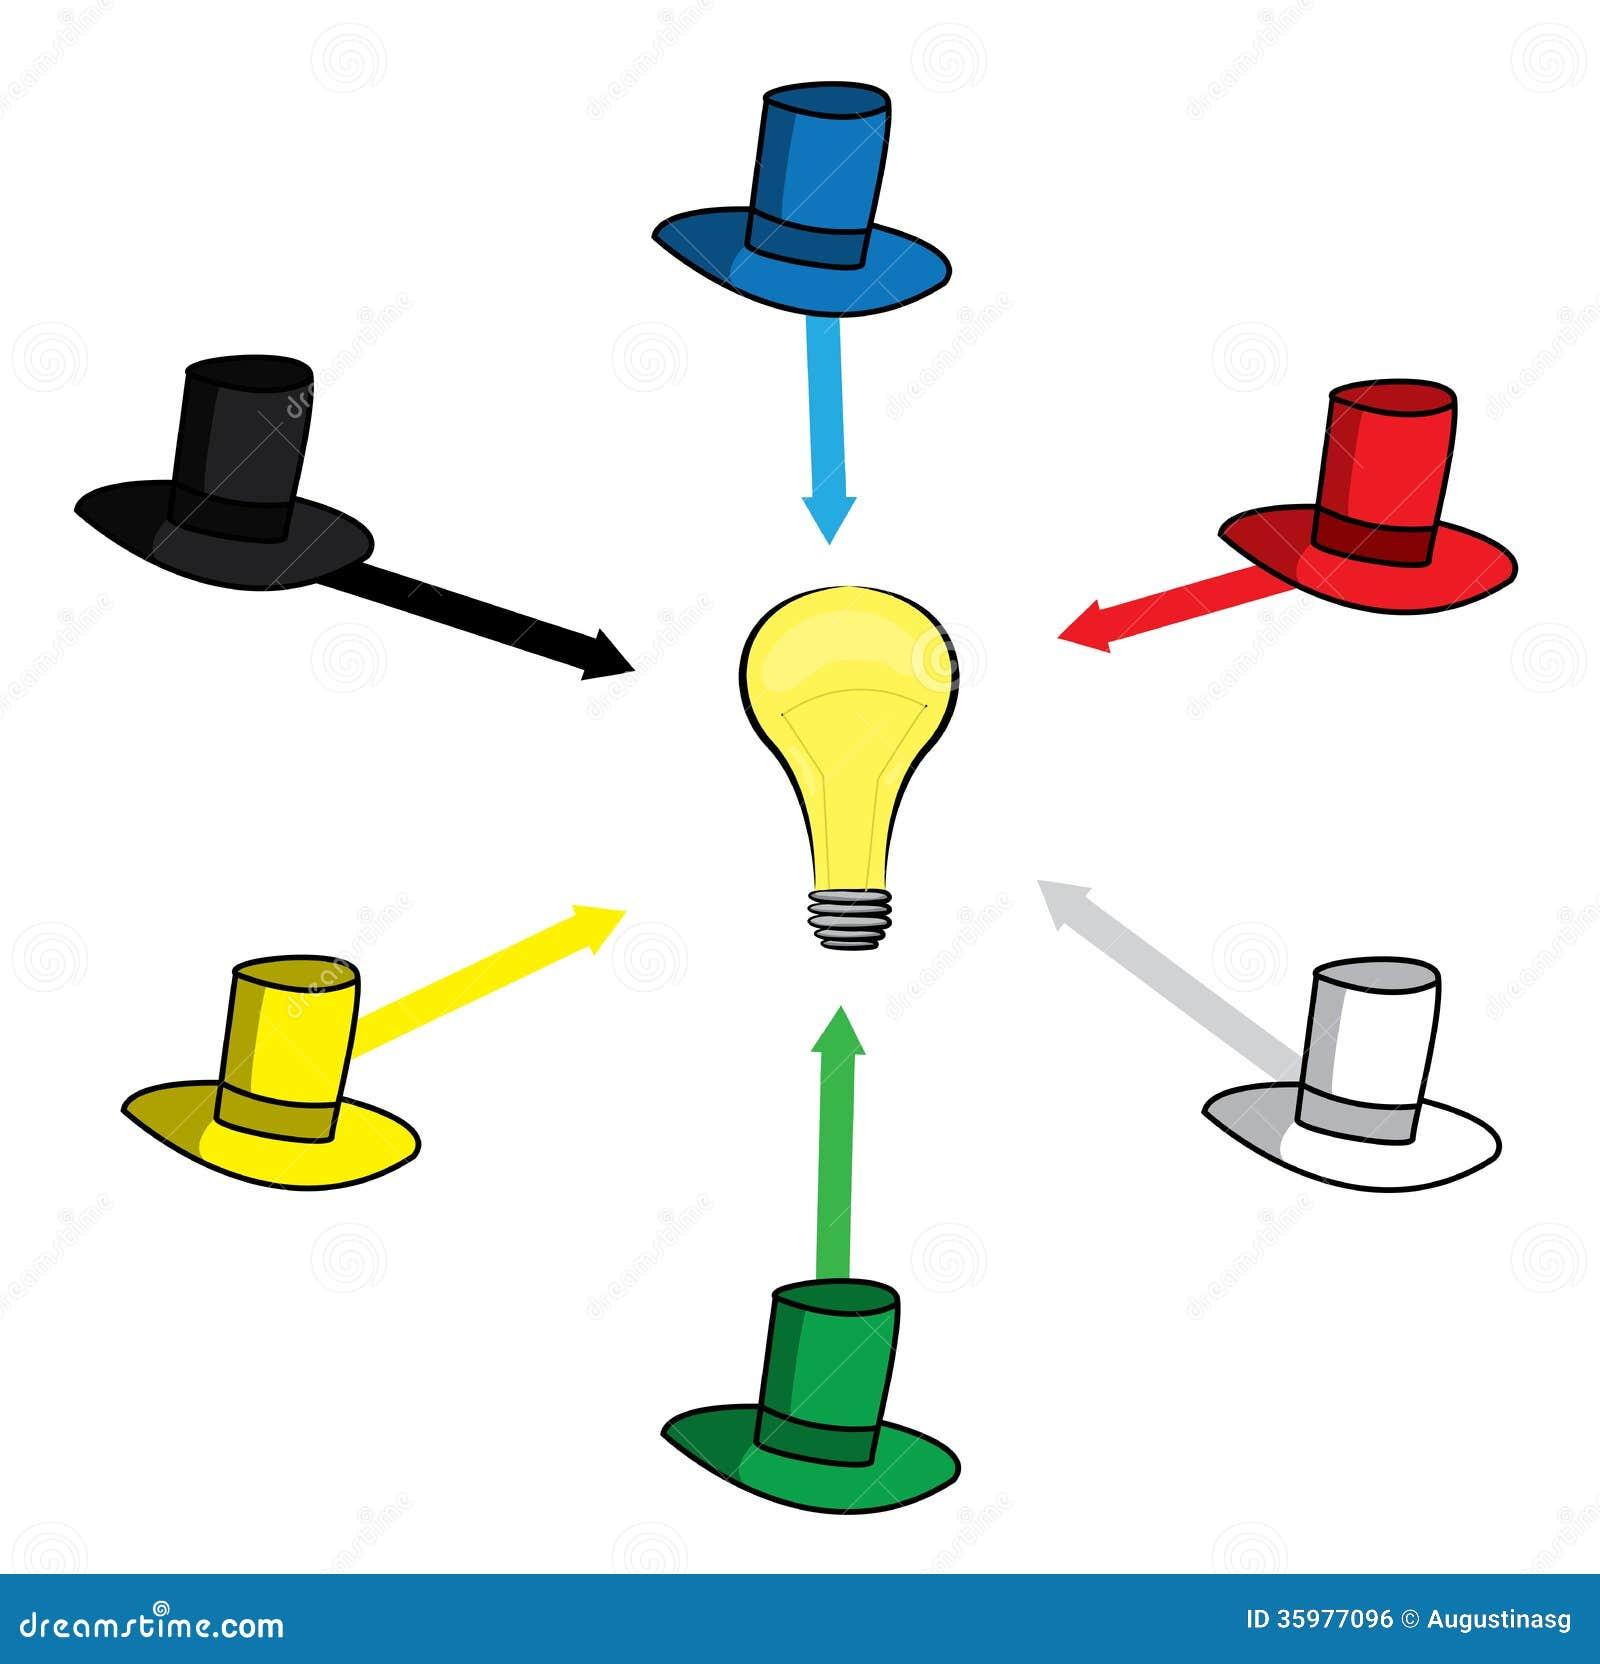 Six Thinking Hats Royalty Free Stock Image - Image: 35977096